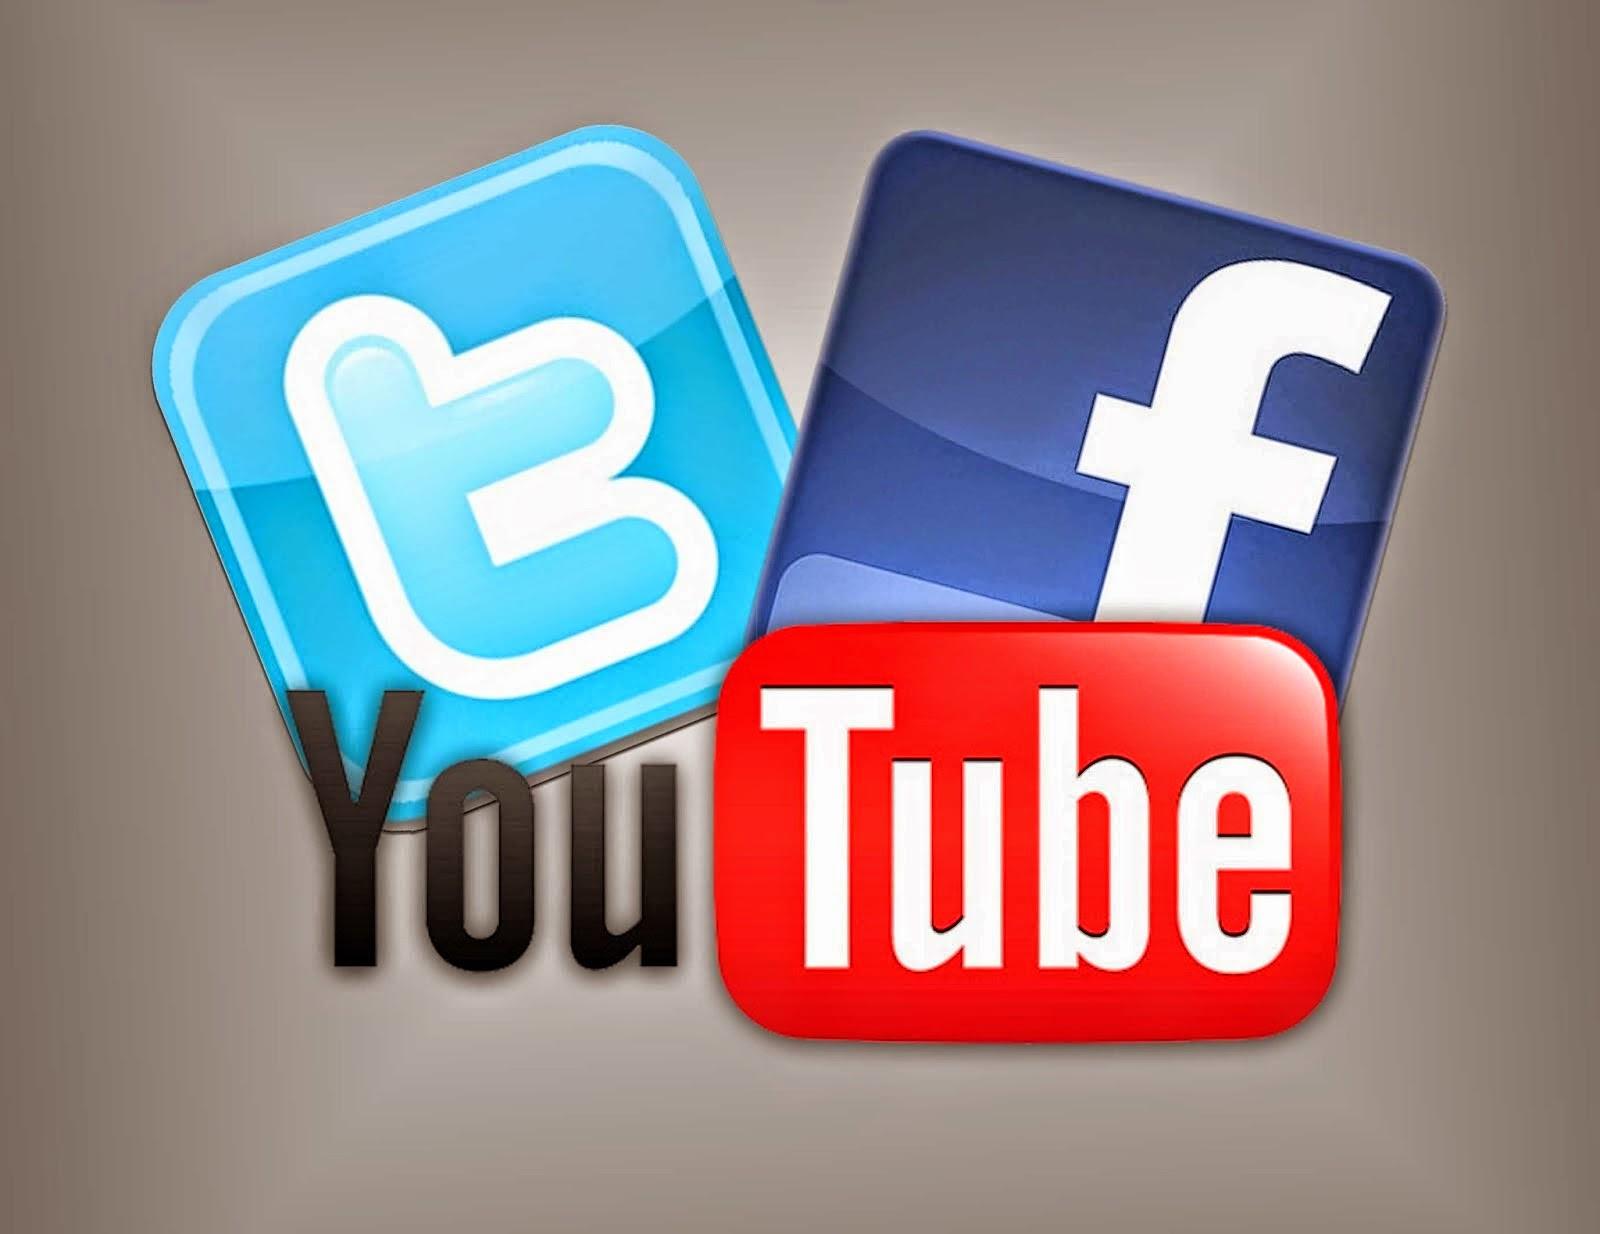 الربح من الفيسبوك وتويتر و يوتيوب